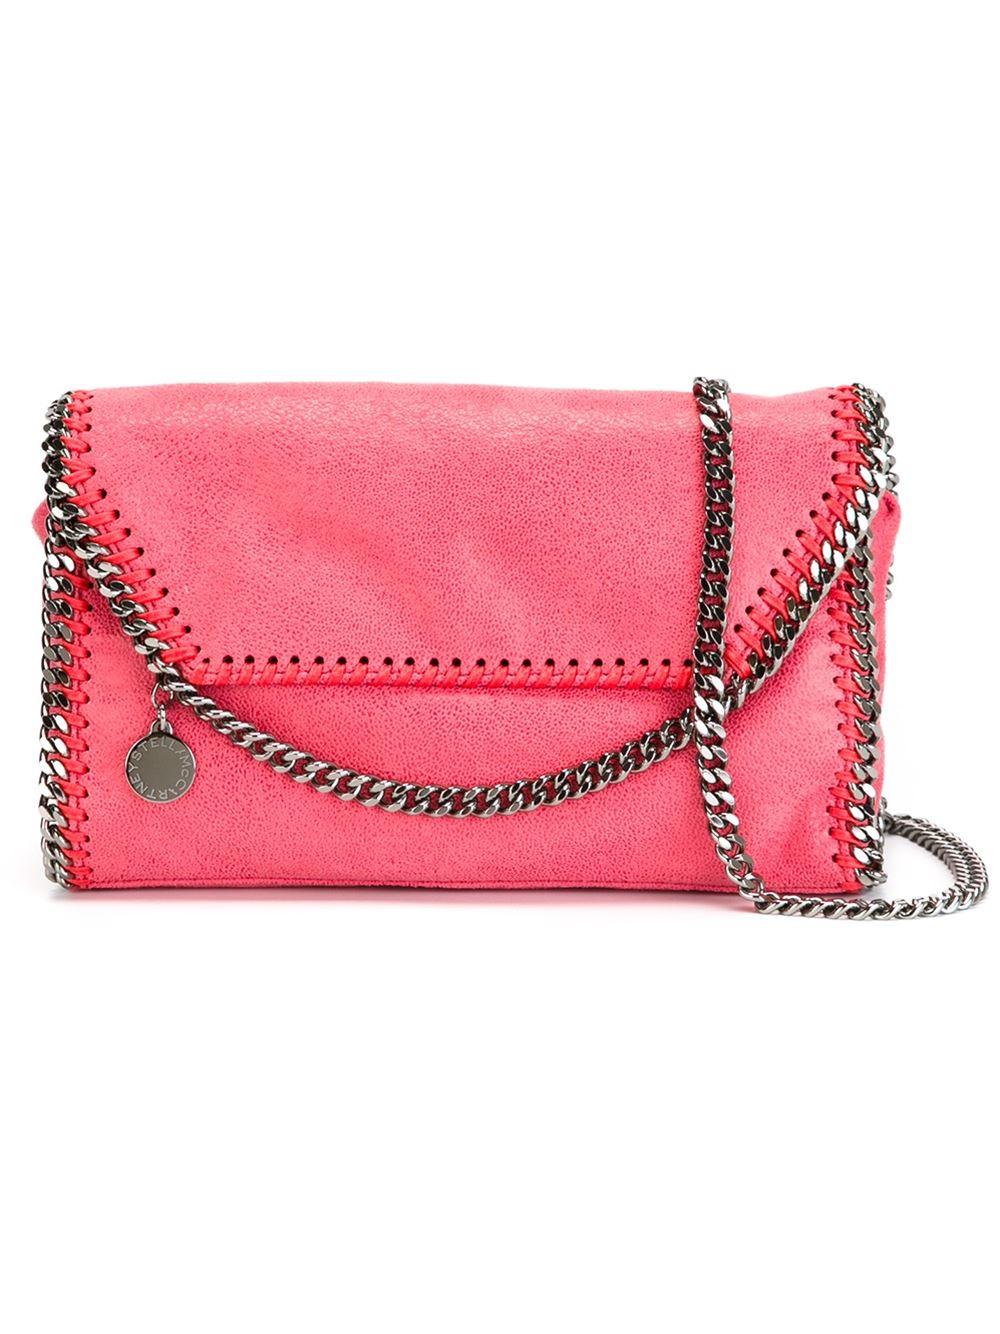 Stella Mccartney Falabella Crossbody Bag In Metallic Lyst